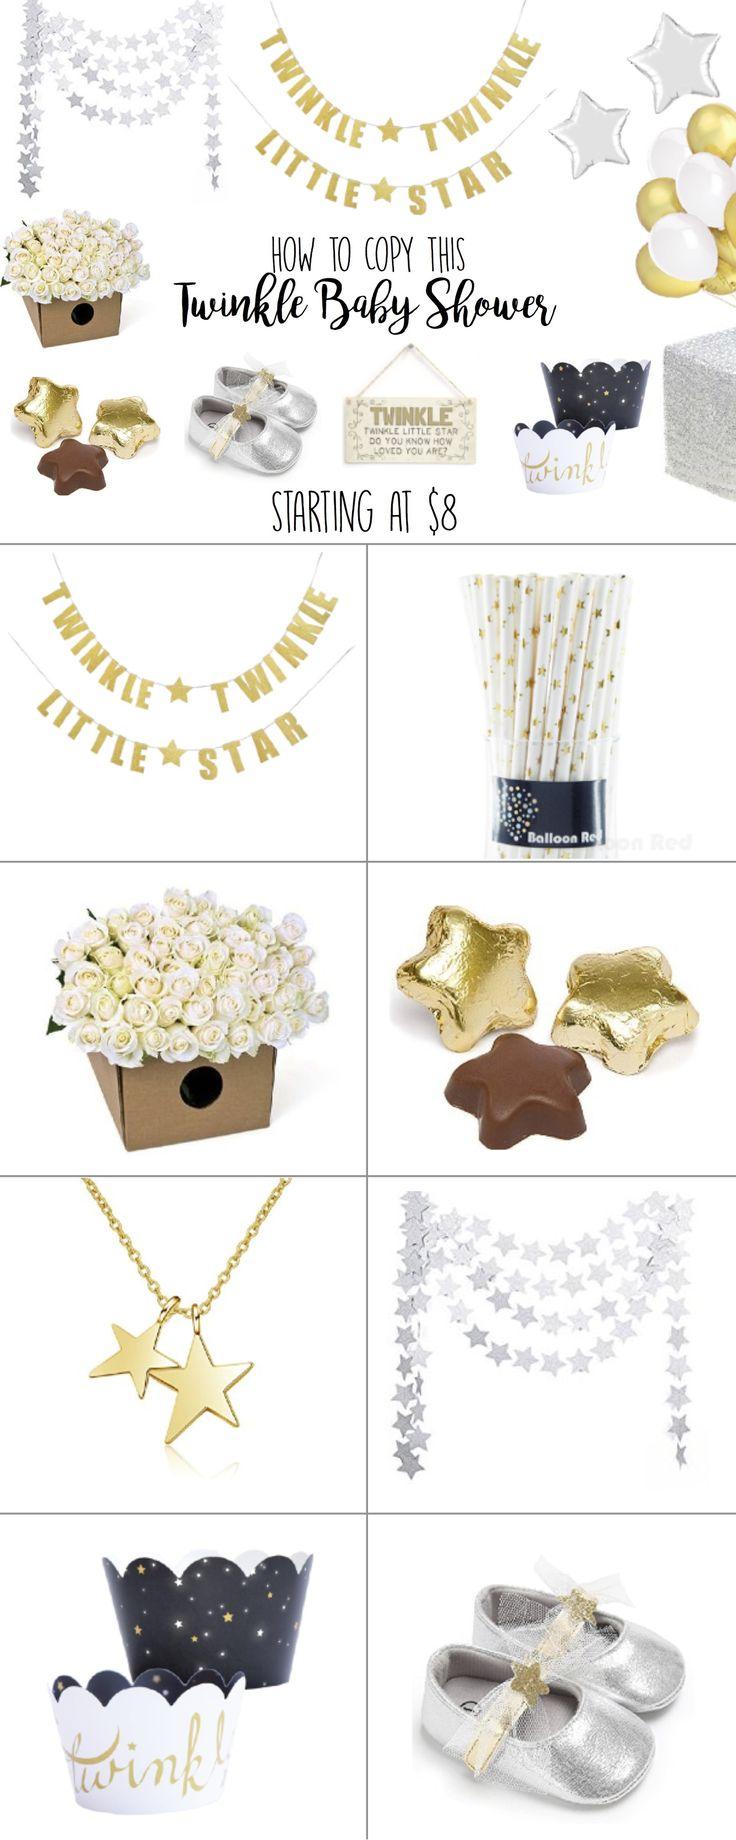 Twinkle Twinkle Little Star Baby Shower Ideas, Theme Inspiration